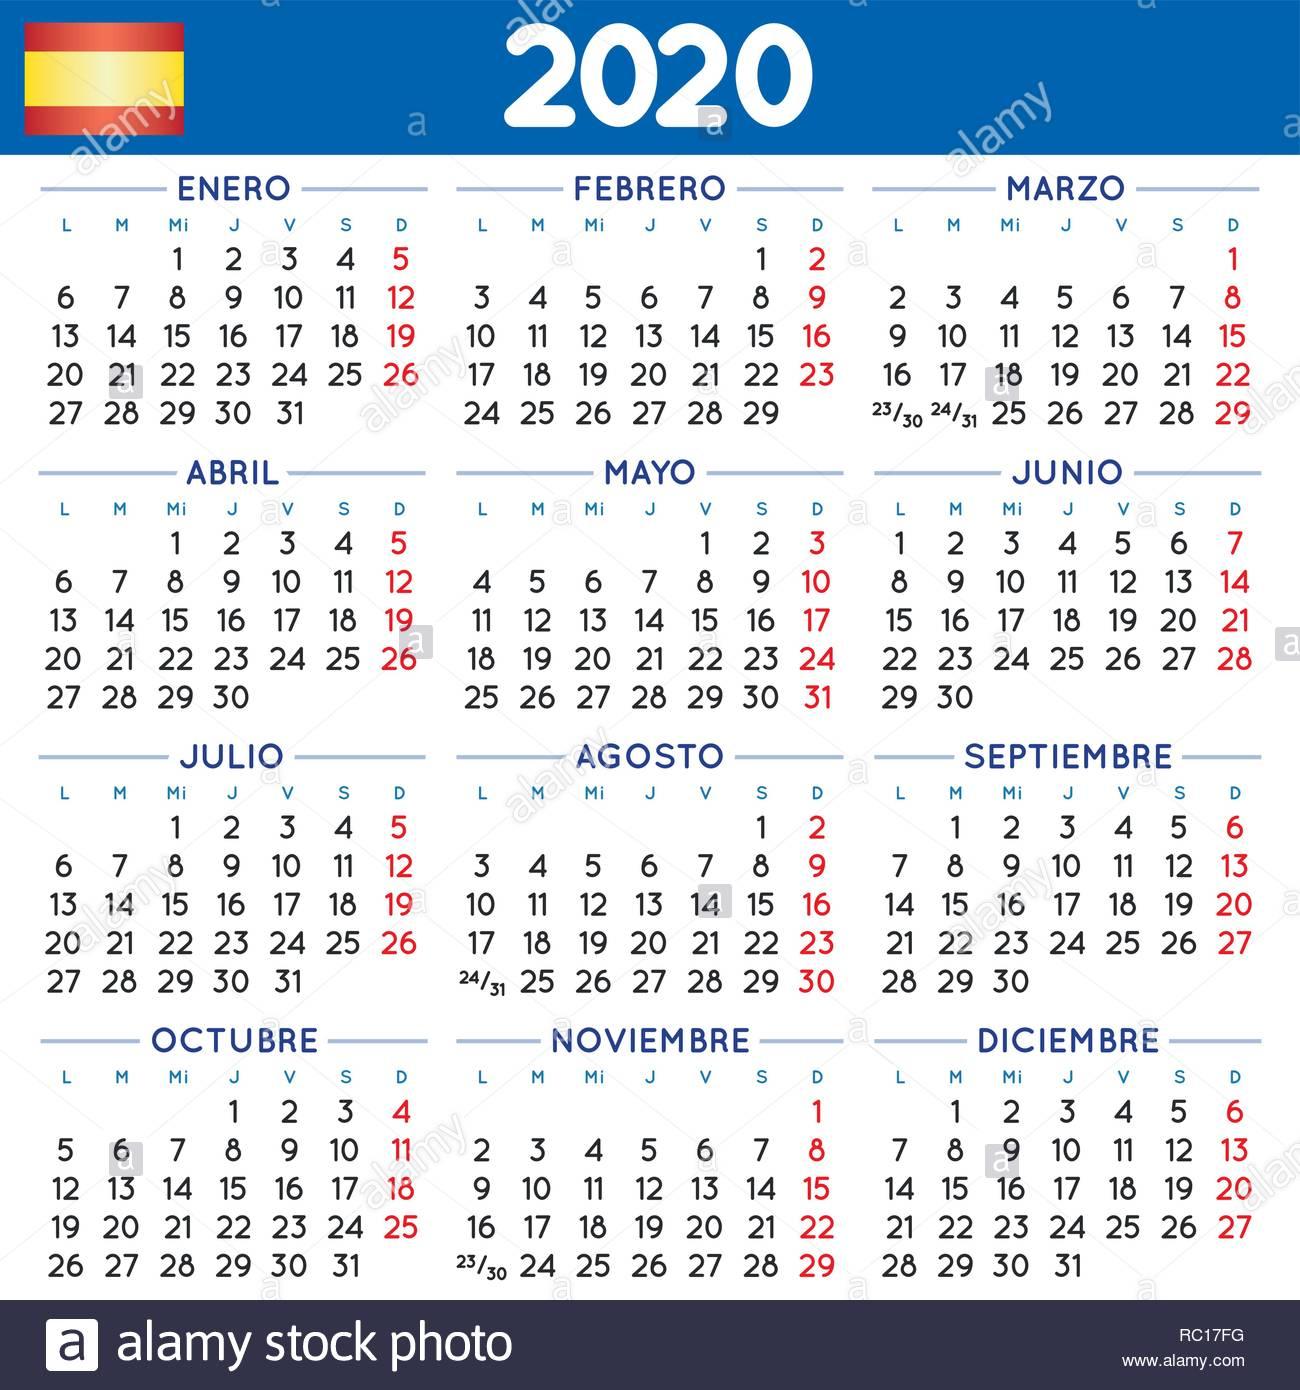 2020 Elegante Calendario Cuadrado En Español. Año 2020 with regard to Calendario 2020 Con Semanas